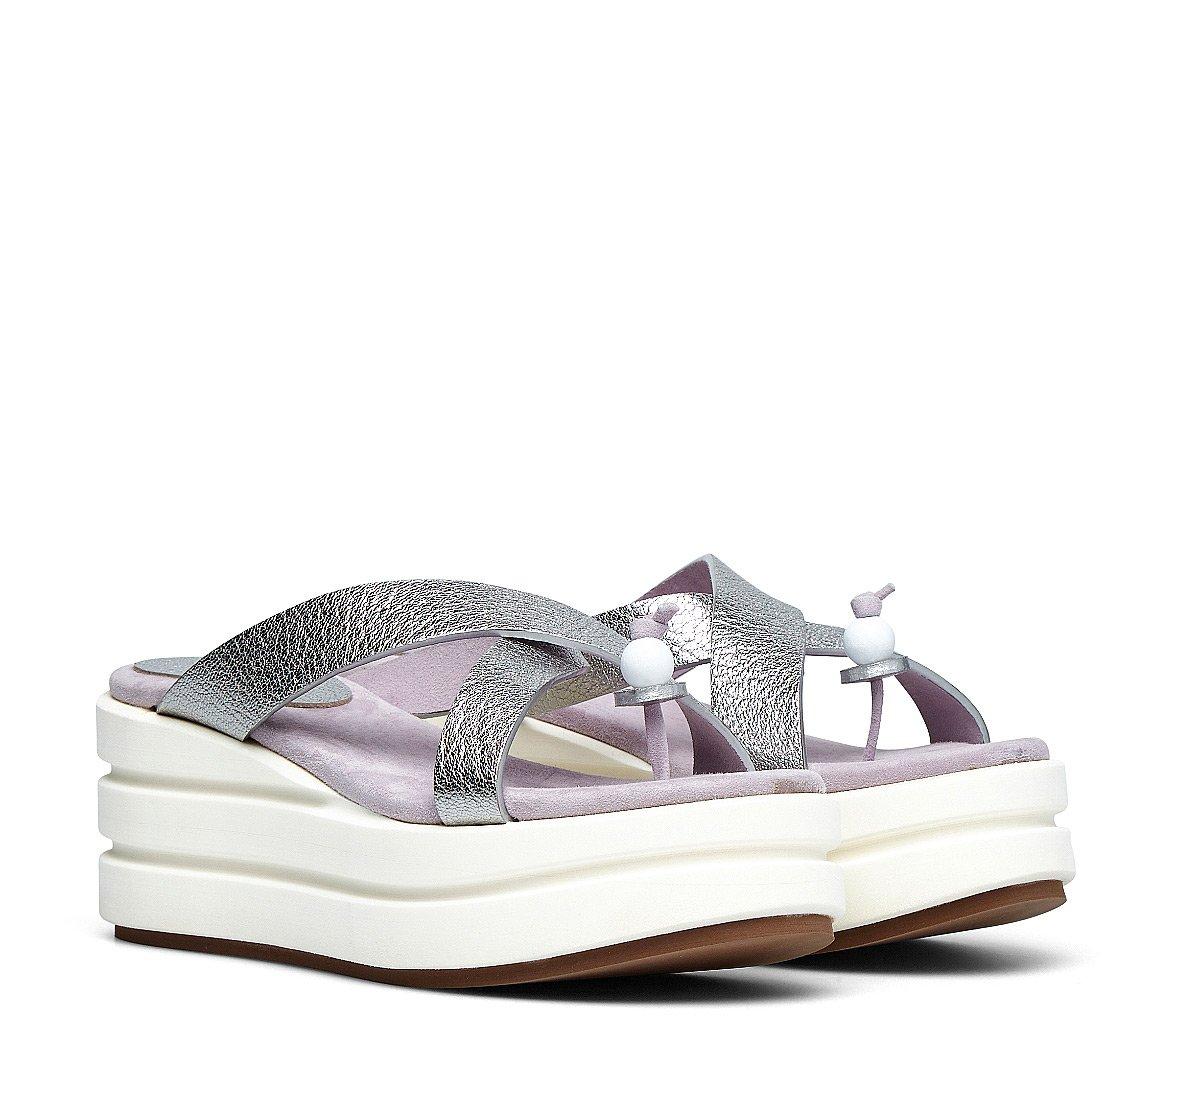 Calfskin platform shoes